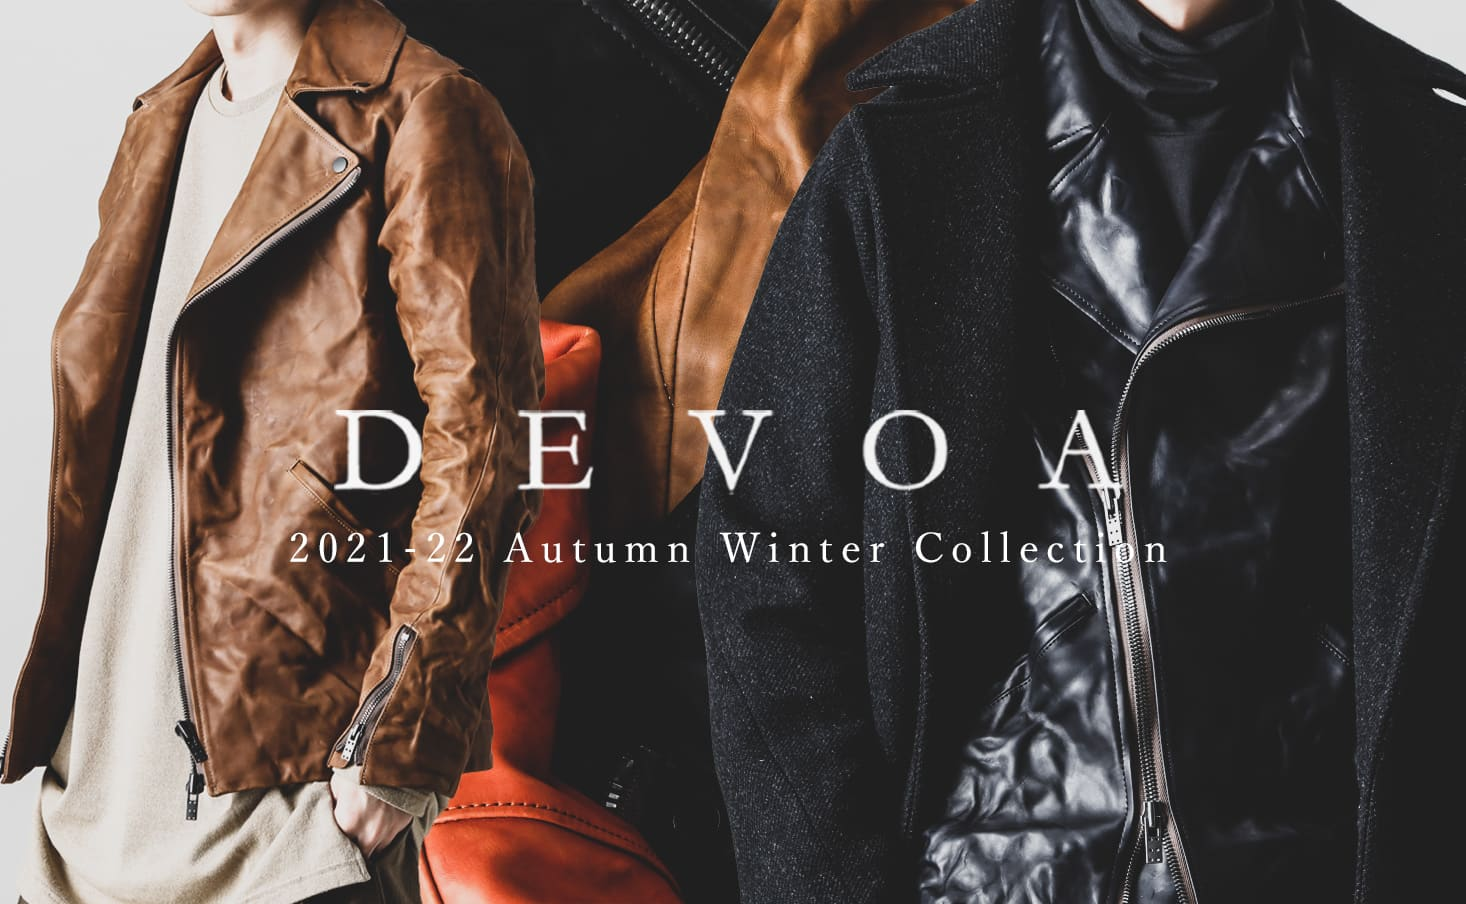 DEVOA 2021-22 AW Collection